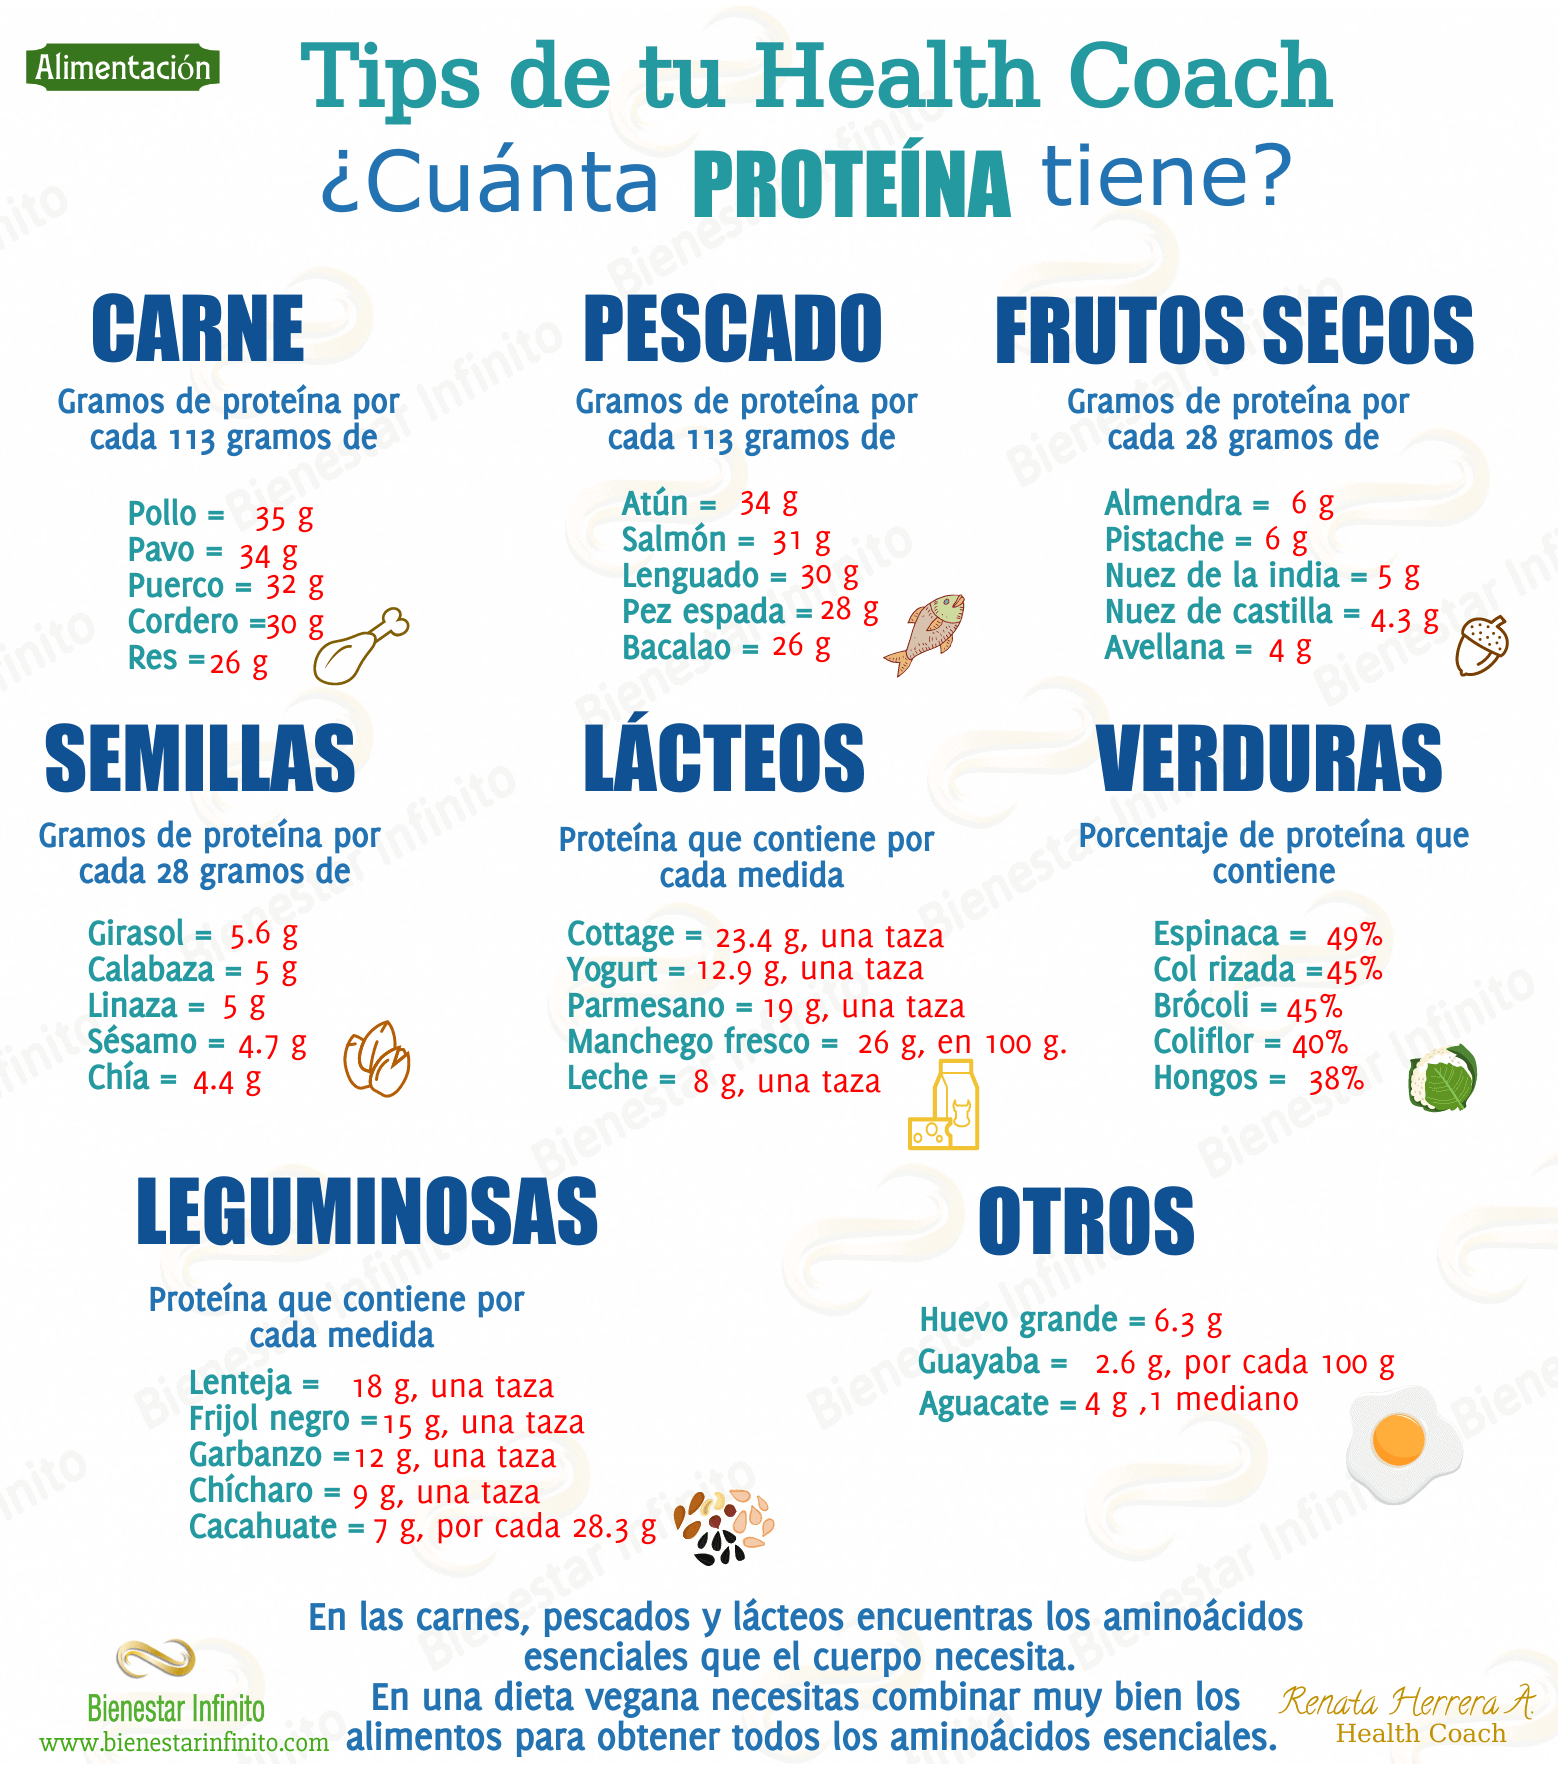 ¿Cuánta proteína tiene?